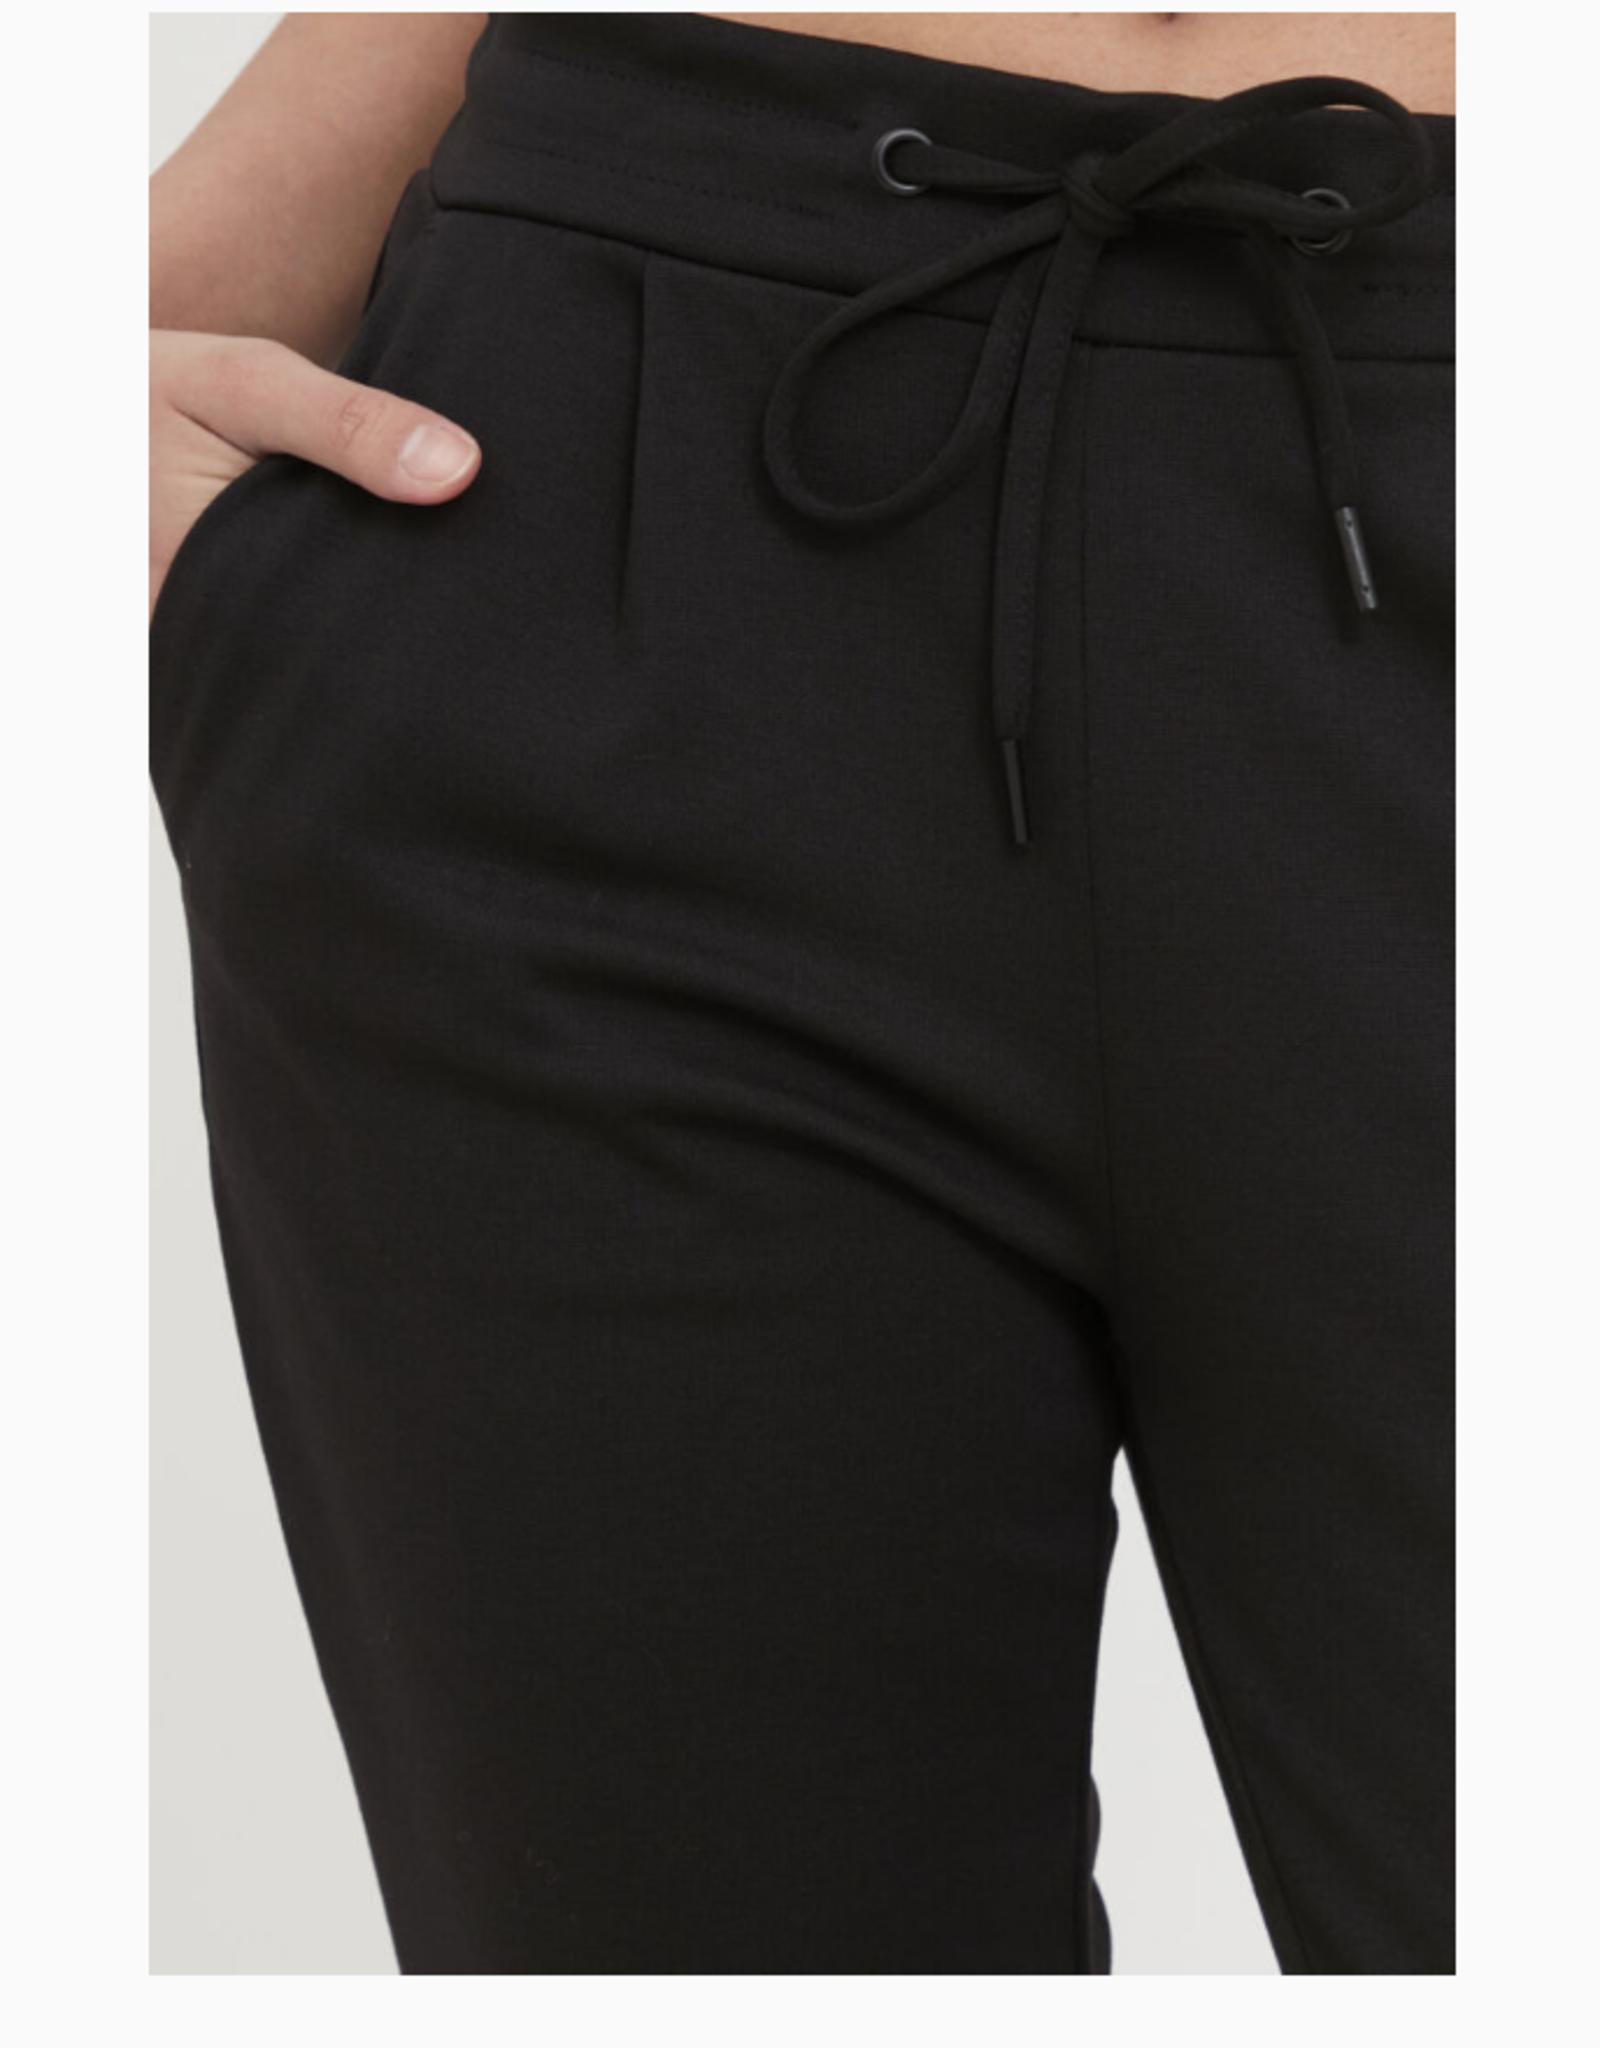 ICHI Ichi - Ihkate Pants